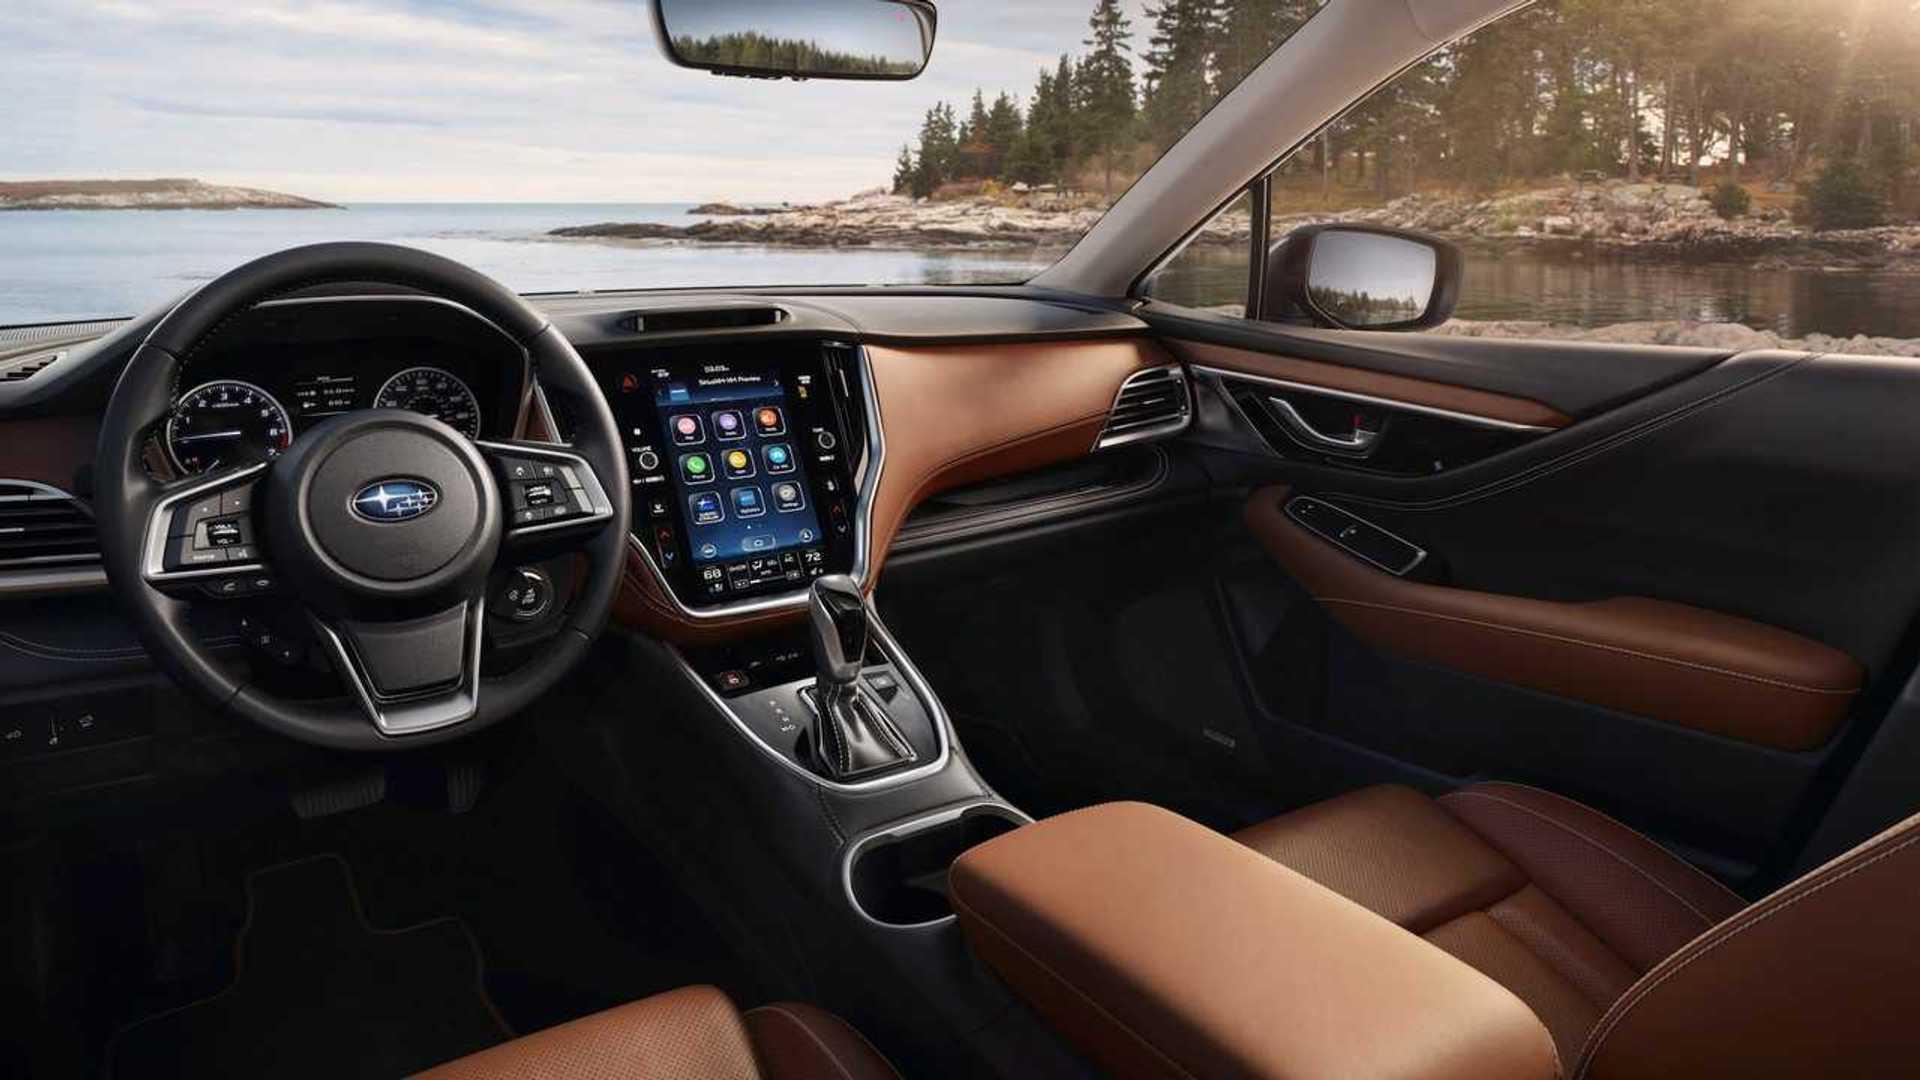 2020 Subaru Outback Exterior and Interior